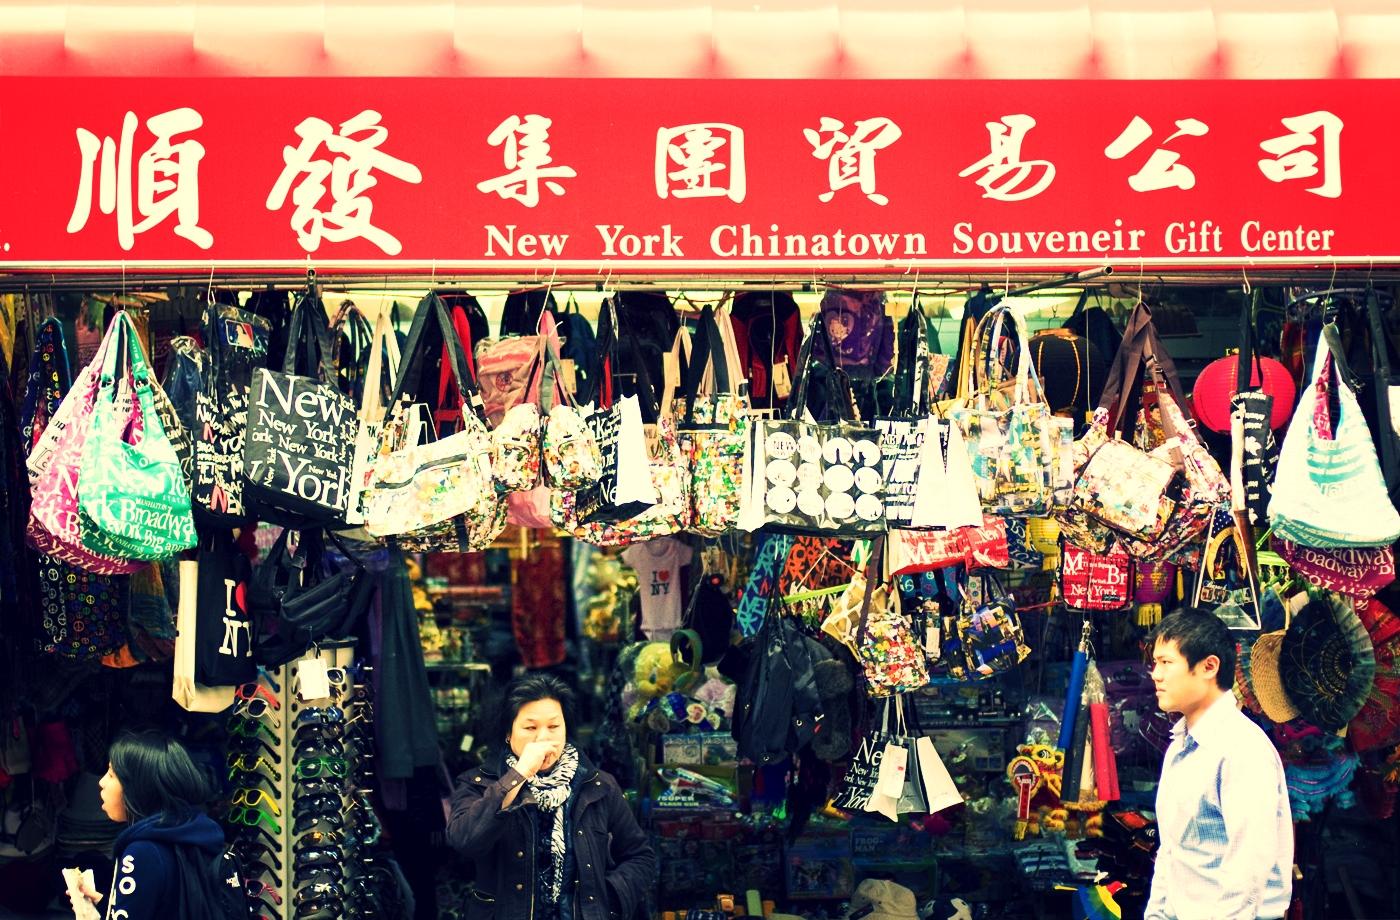 De China Compras En Town Travelholics dBCerxo